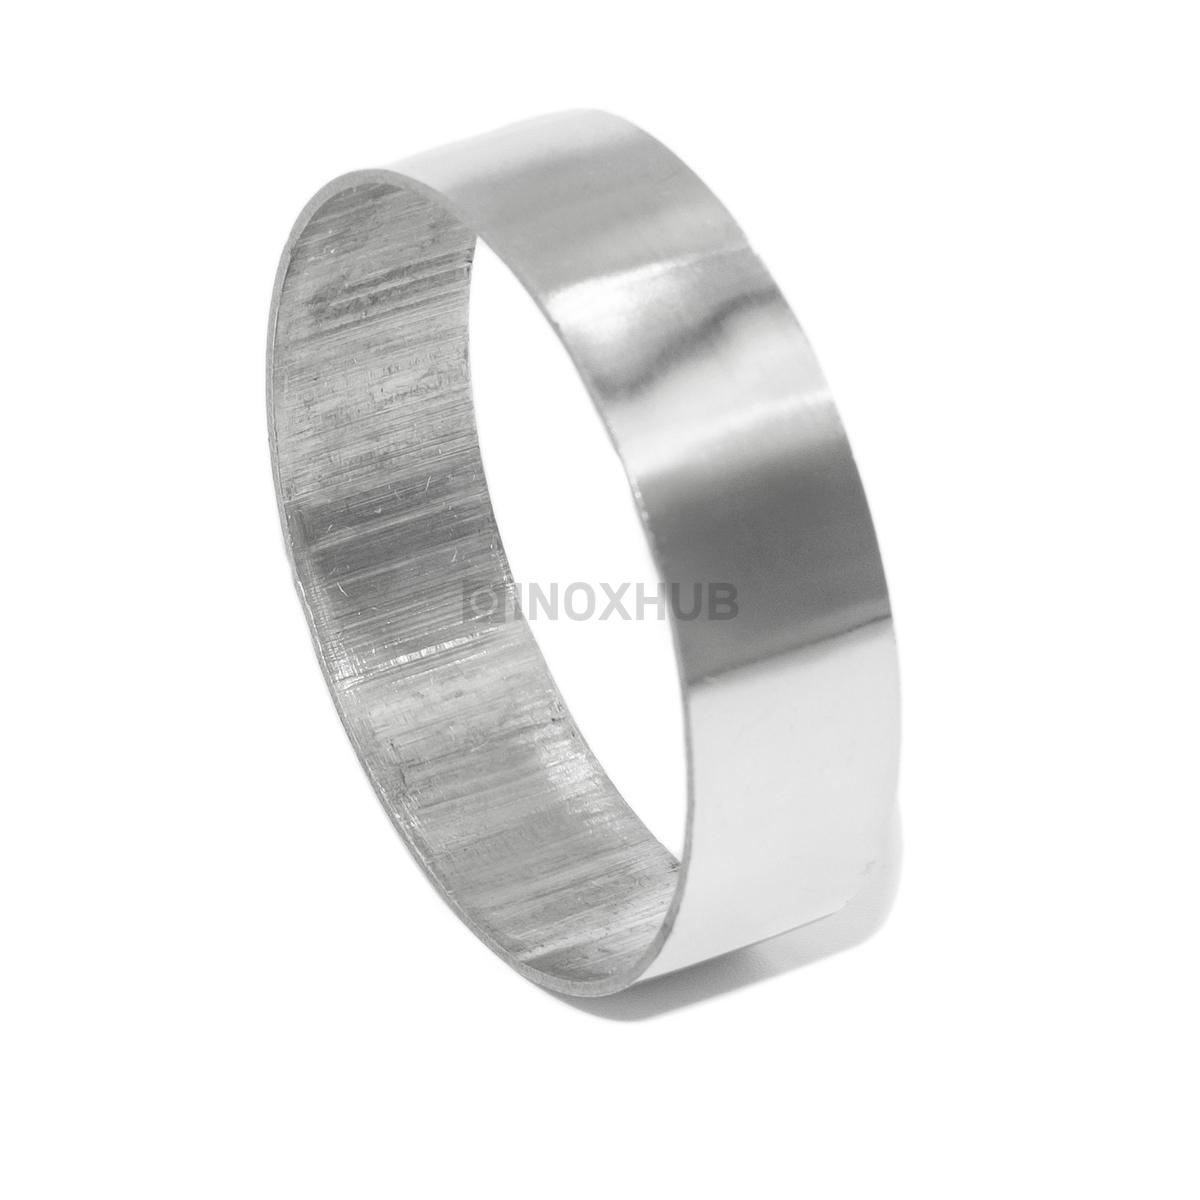 Соединительное кольцо Ø50.8 мм, AISI 304, GRIT 600